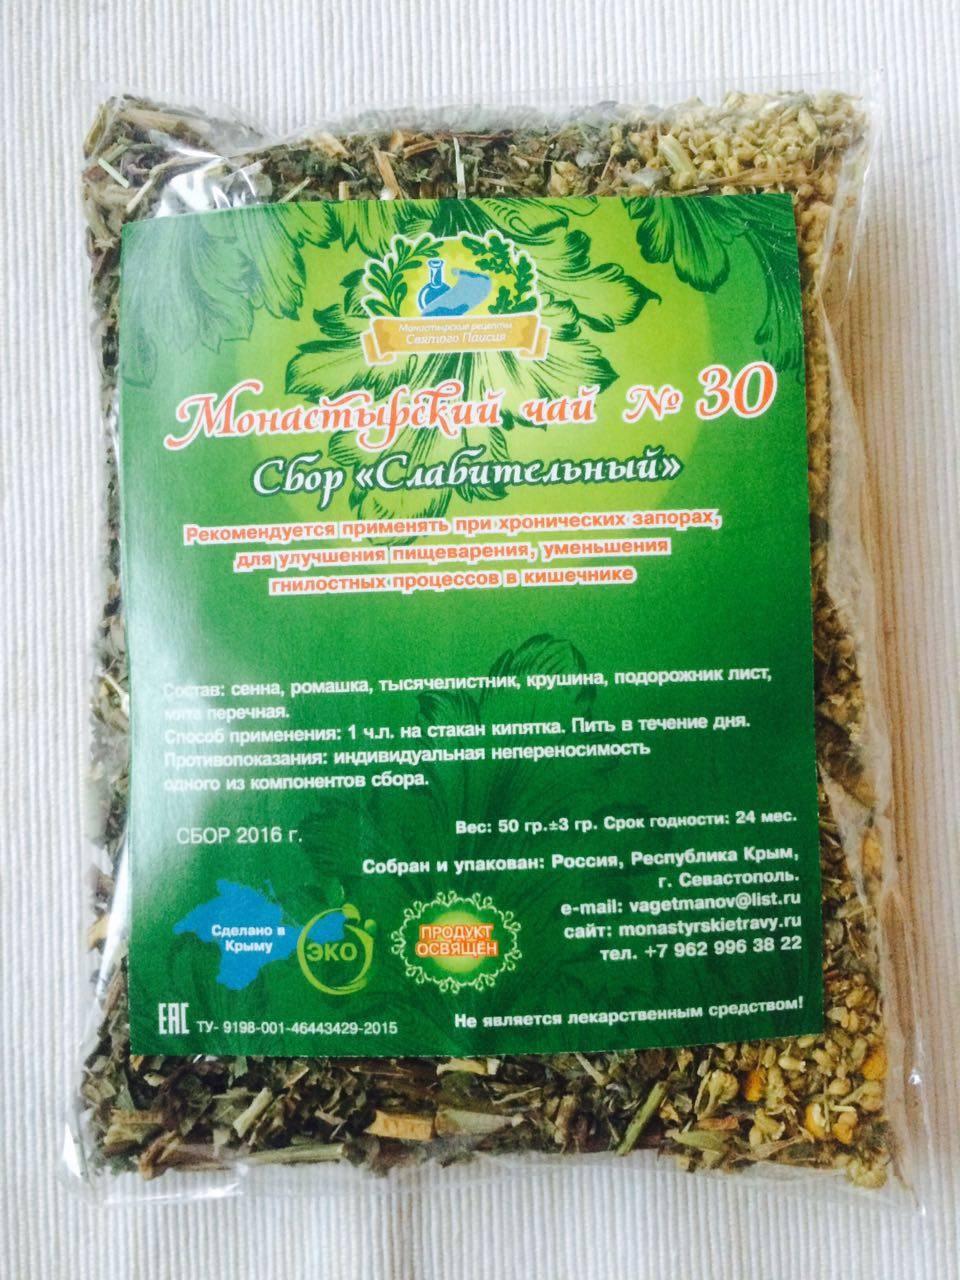 Лечение запоров натуральными растительными средствами